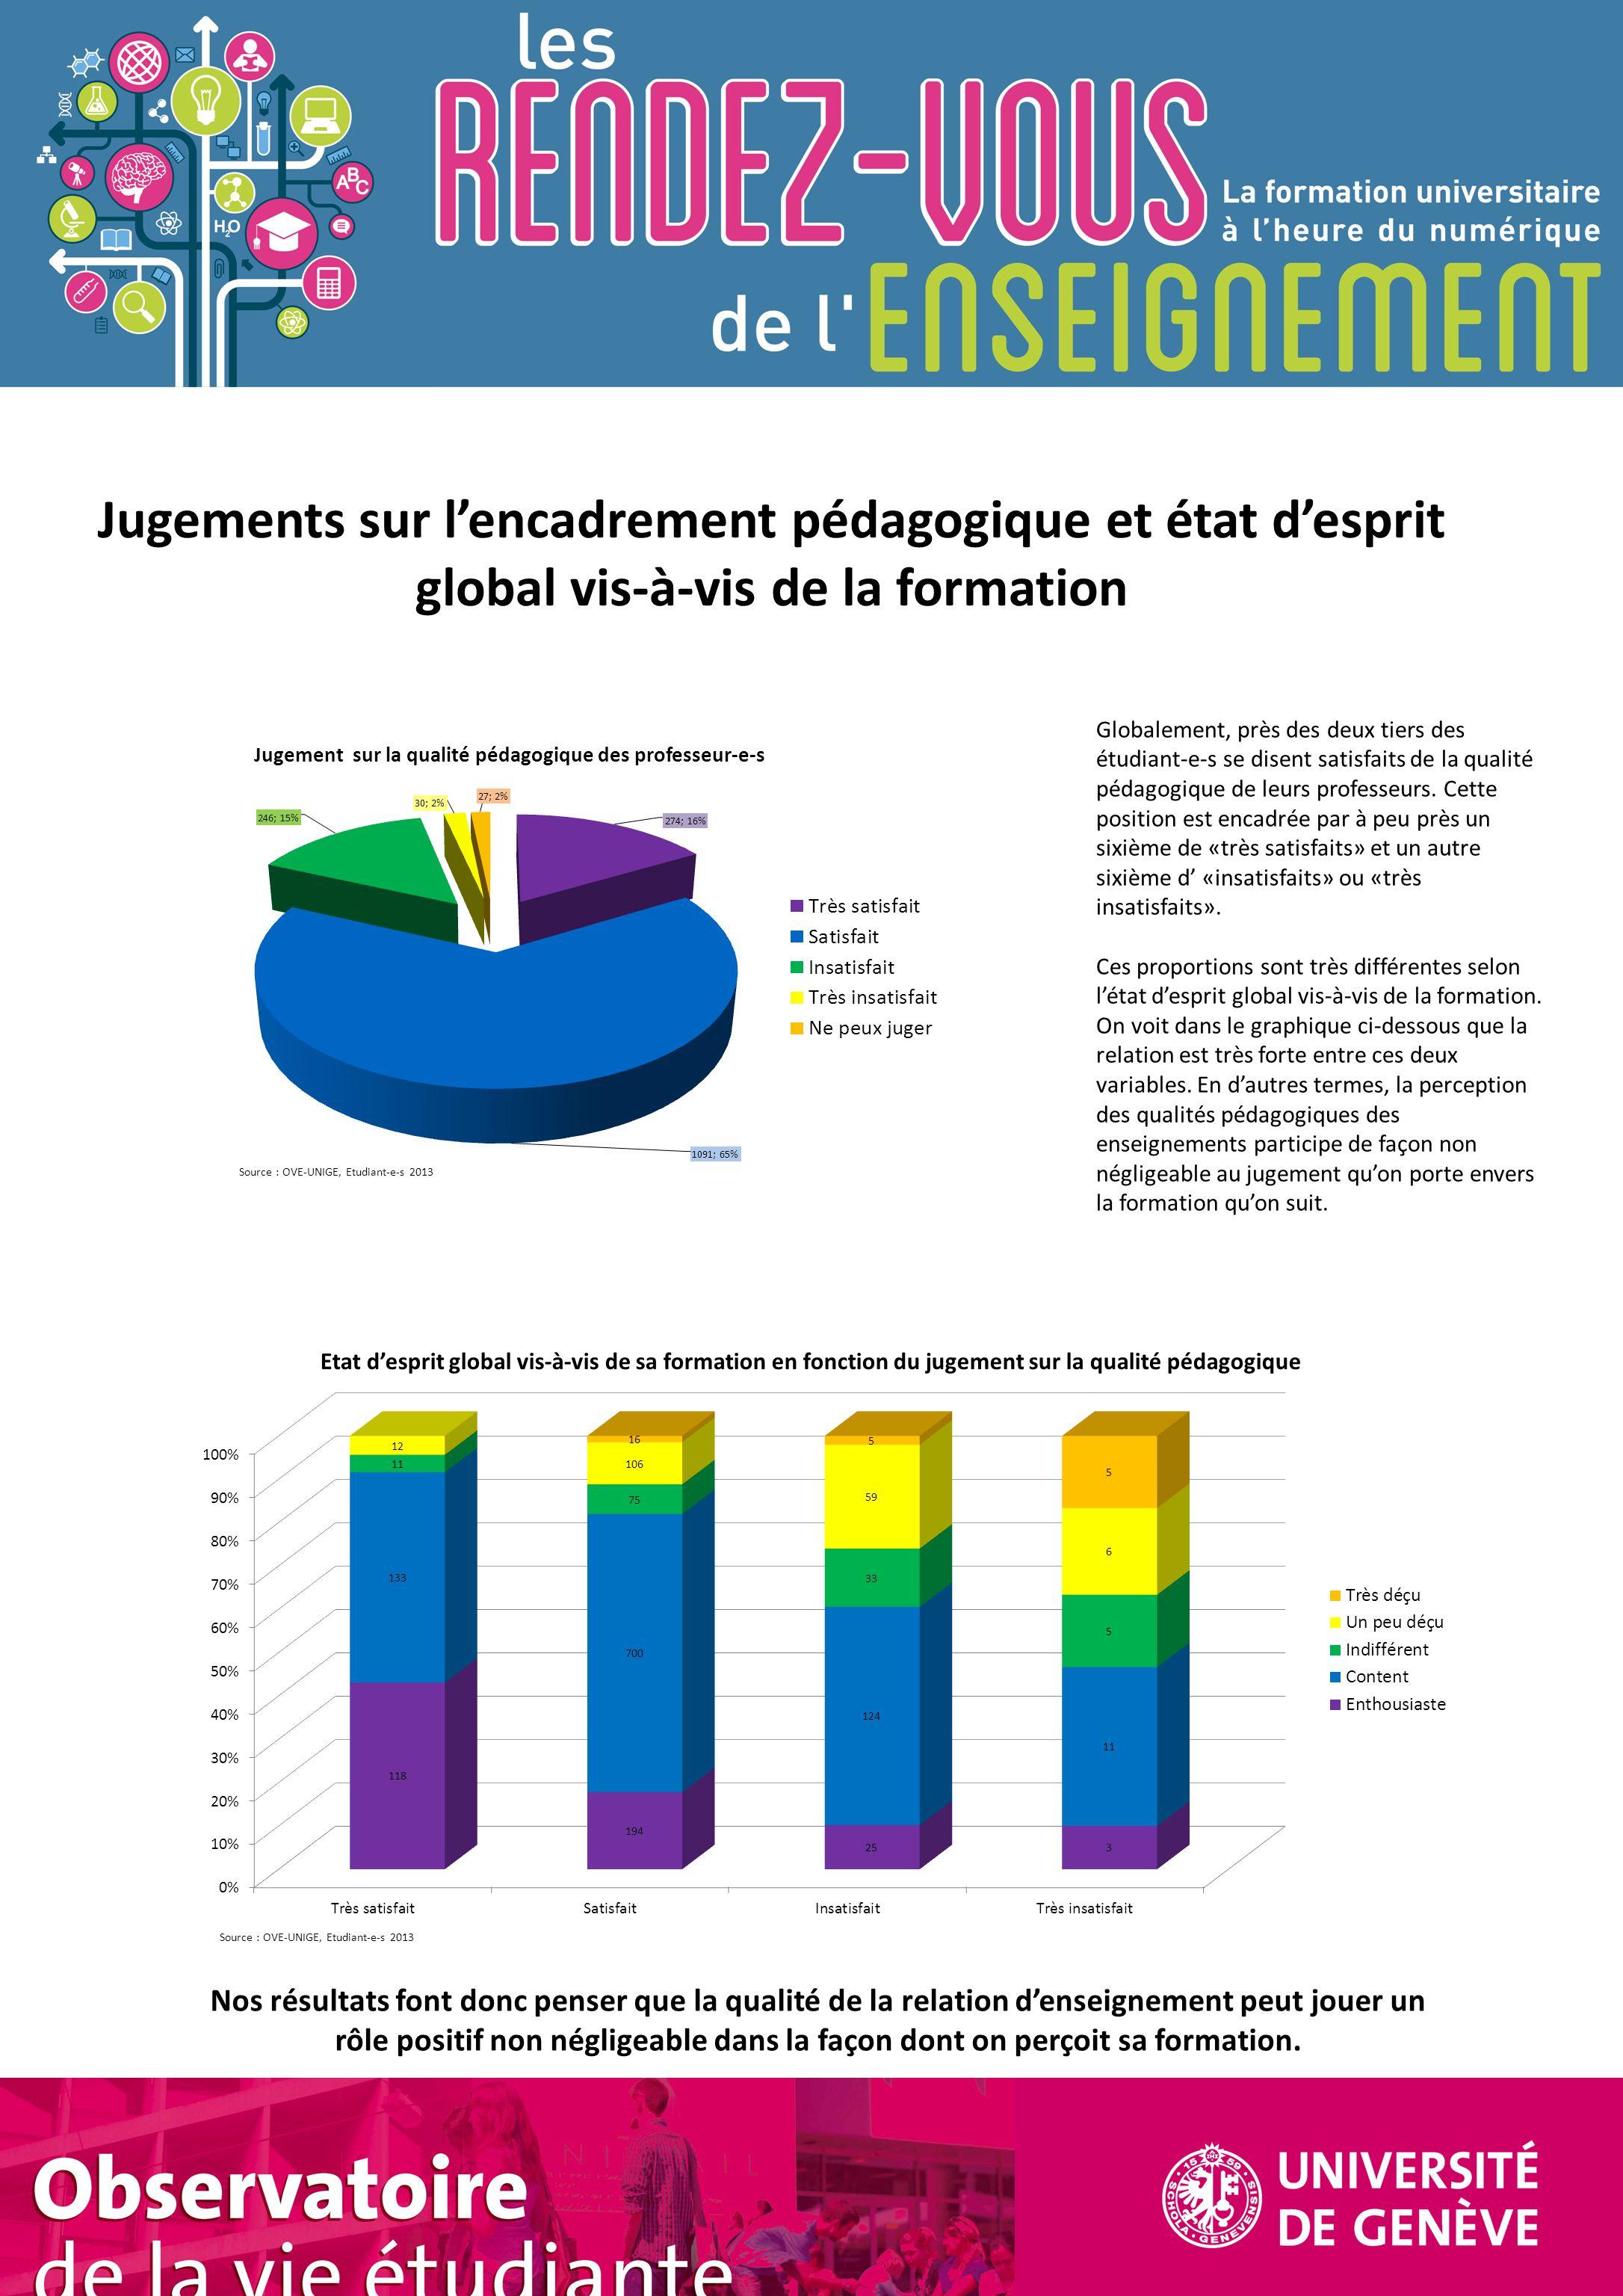 Observatoire de la vie étudiante Jugements sur l'encadrement pédagogique et état d'esprit global vis-à-vis de la formation Globalement, près des deux tiers des étudiant-e-s se disent satisfaits de la qualité pédagogique de leurs professeurs.